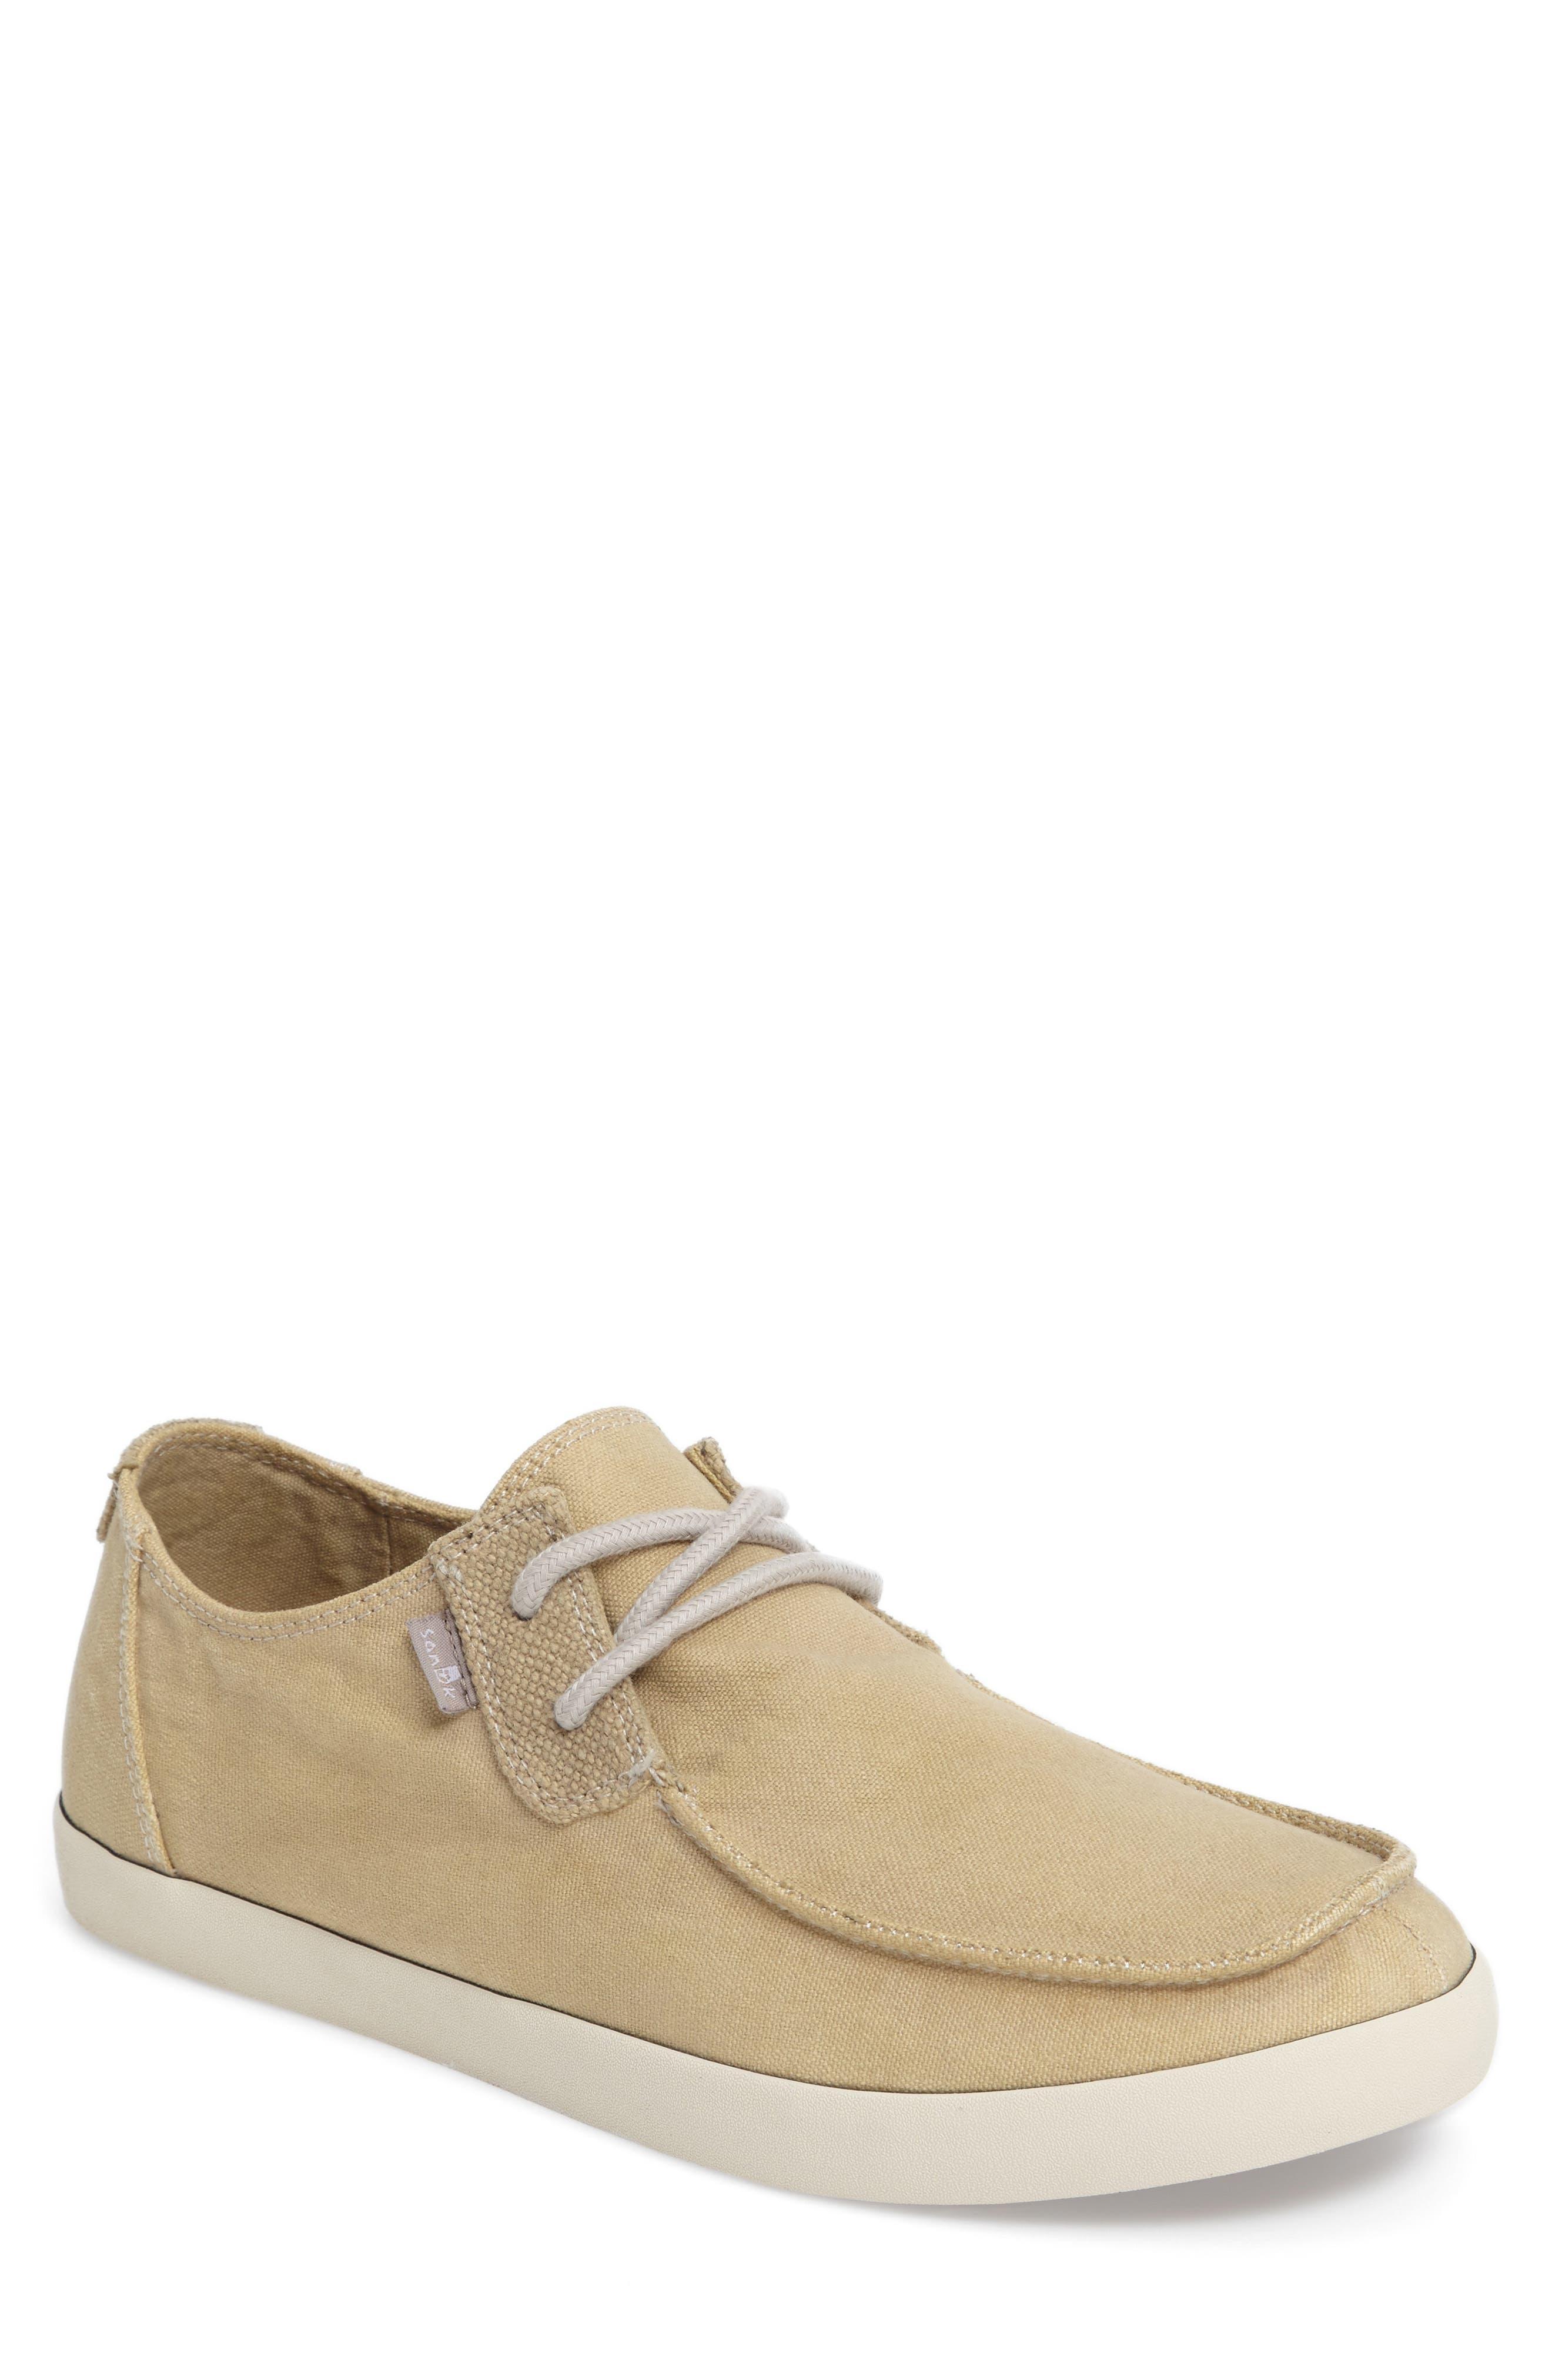 SANUK Numami Sneaker